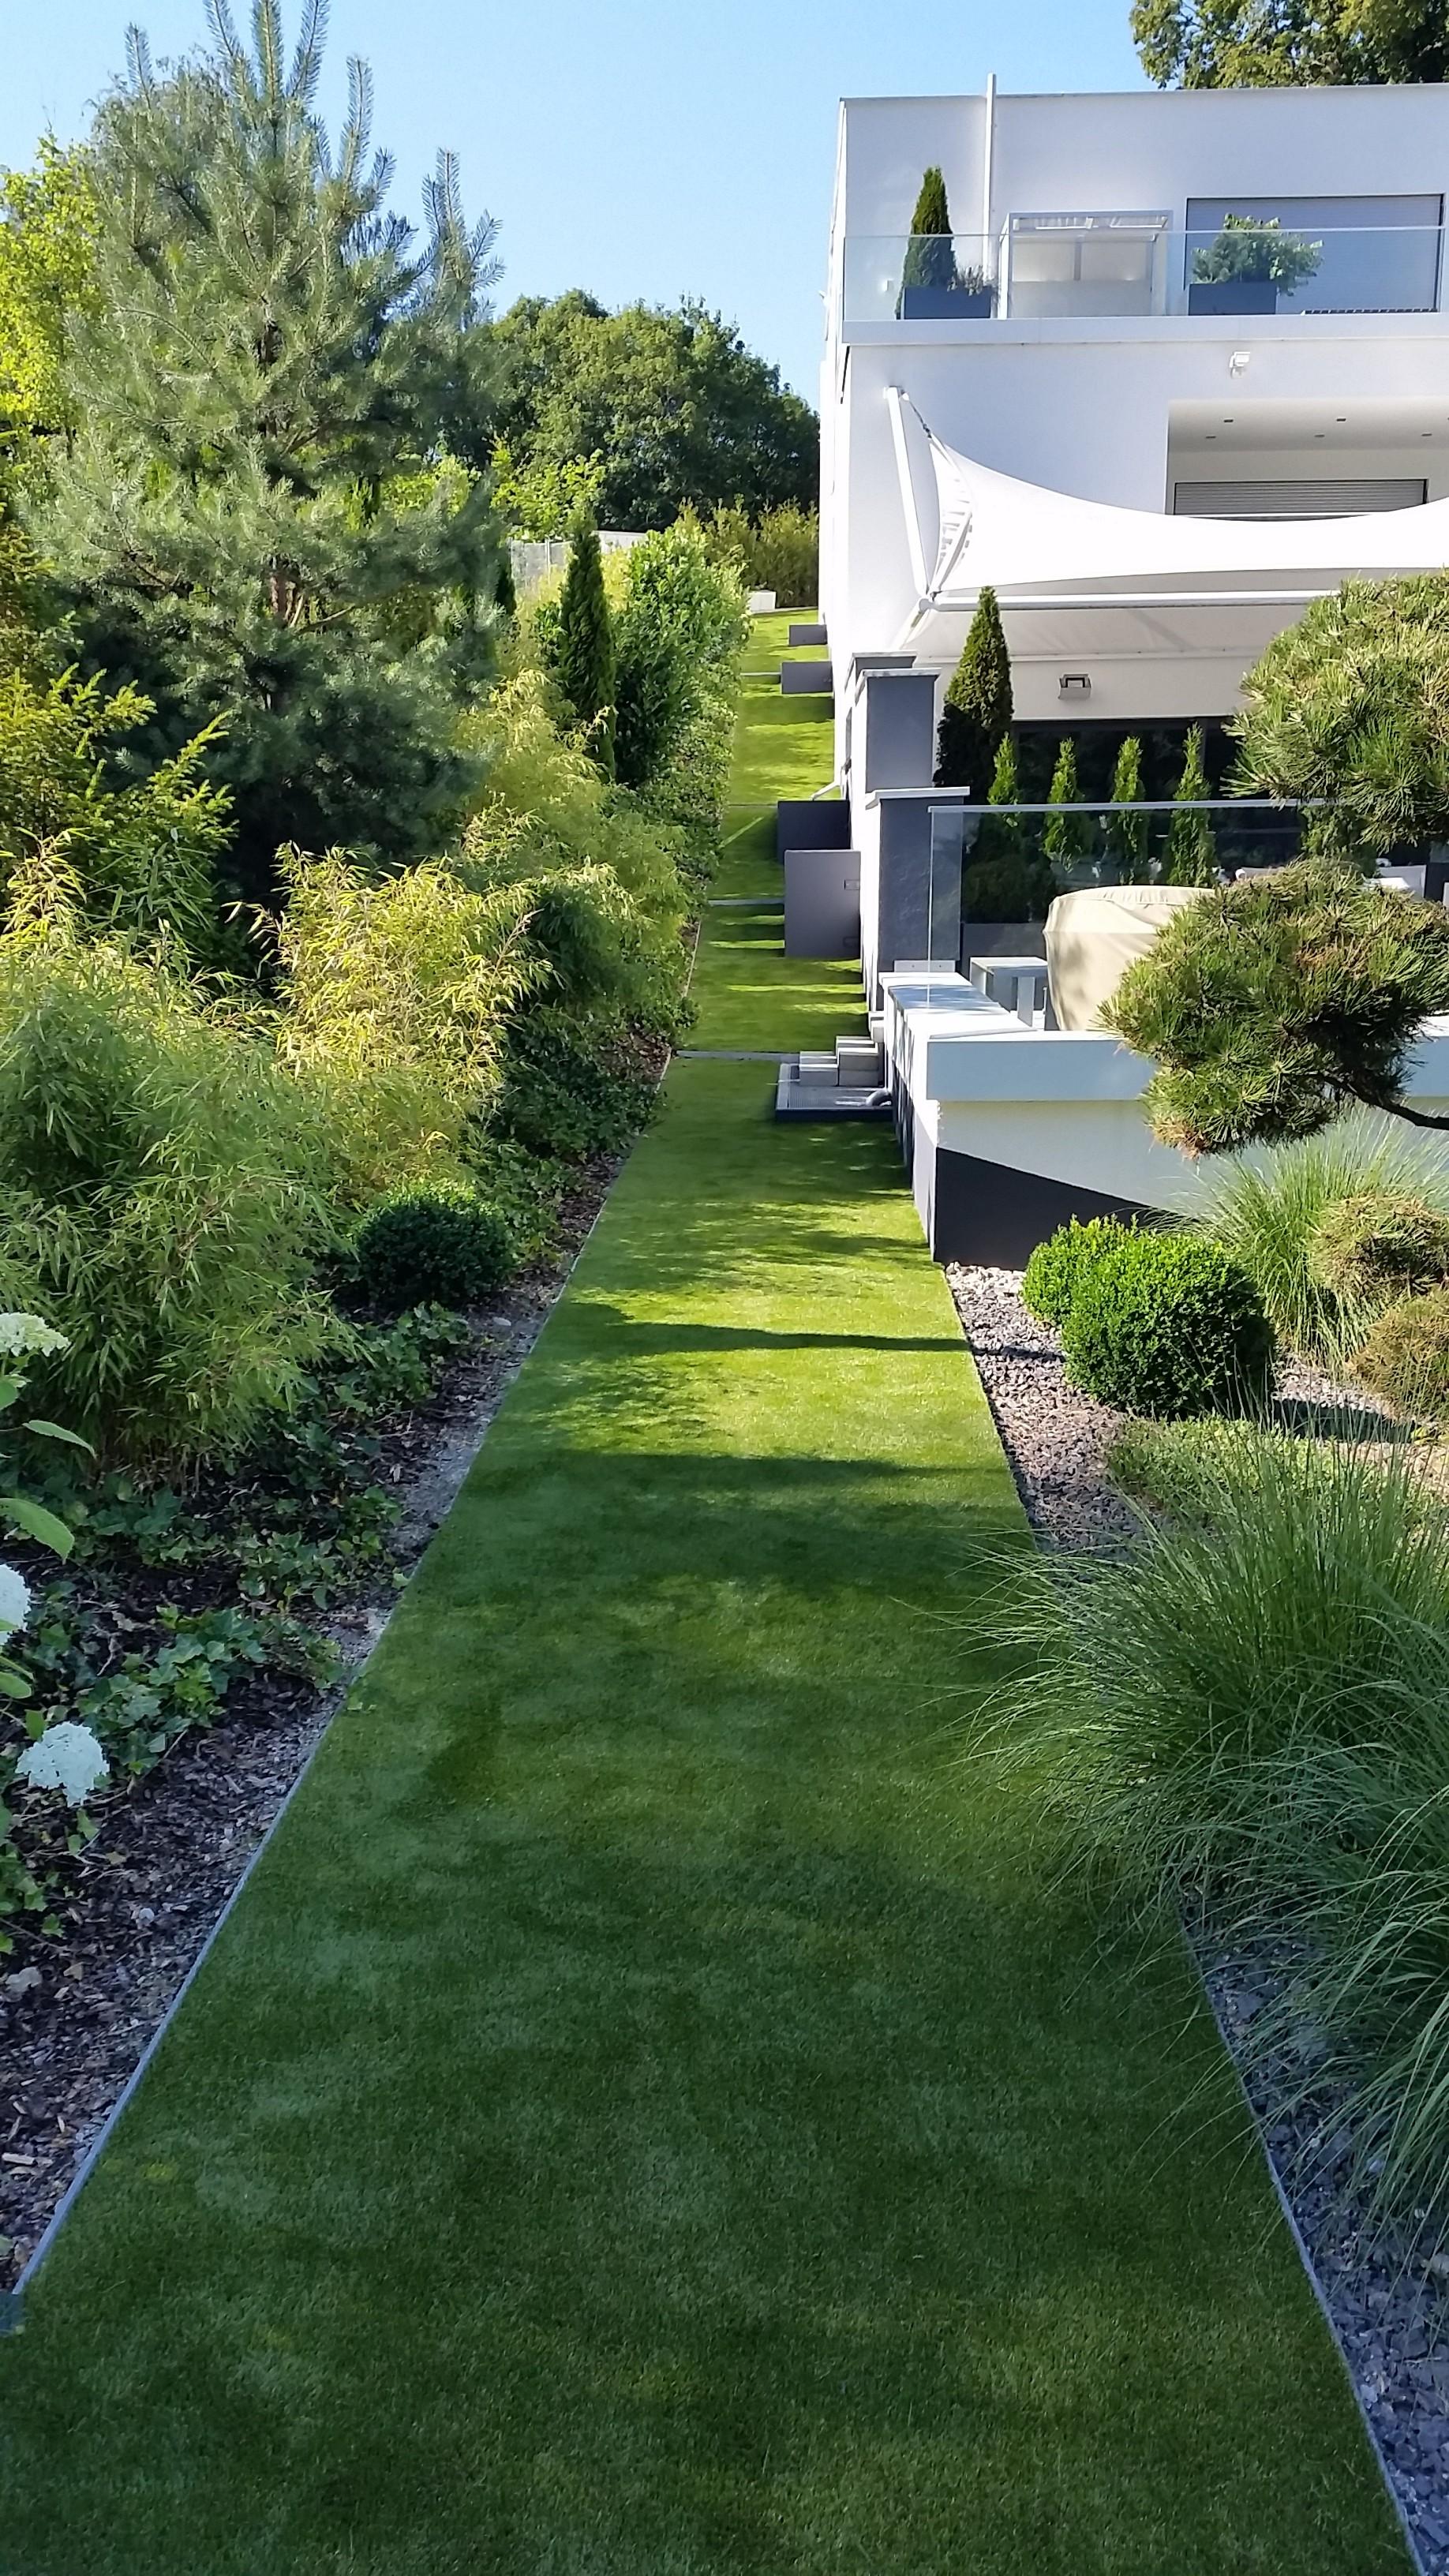 100qm kunstrasen green lavender rund ums haus in augsburg kunstrasen. Black Bedroom Furniture Sets. Home Design Ideas